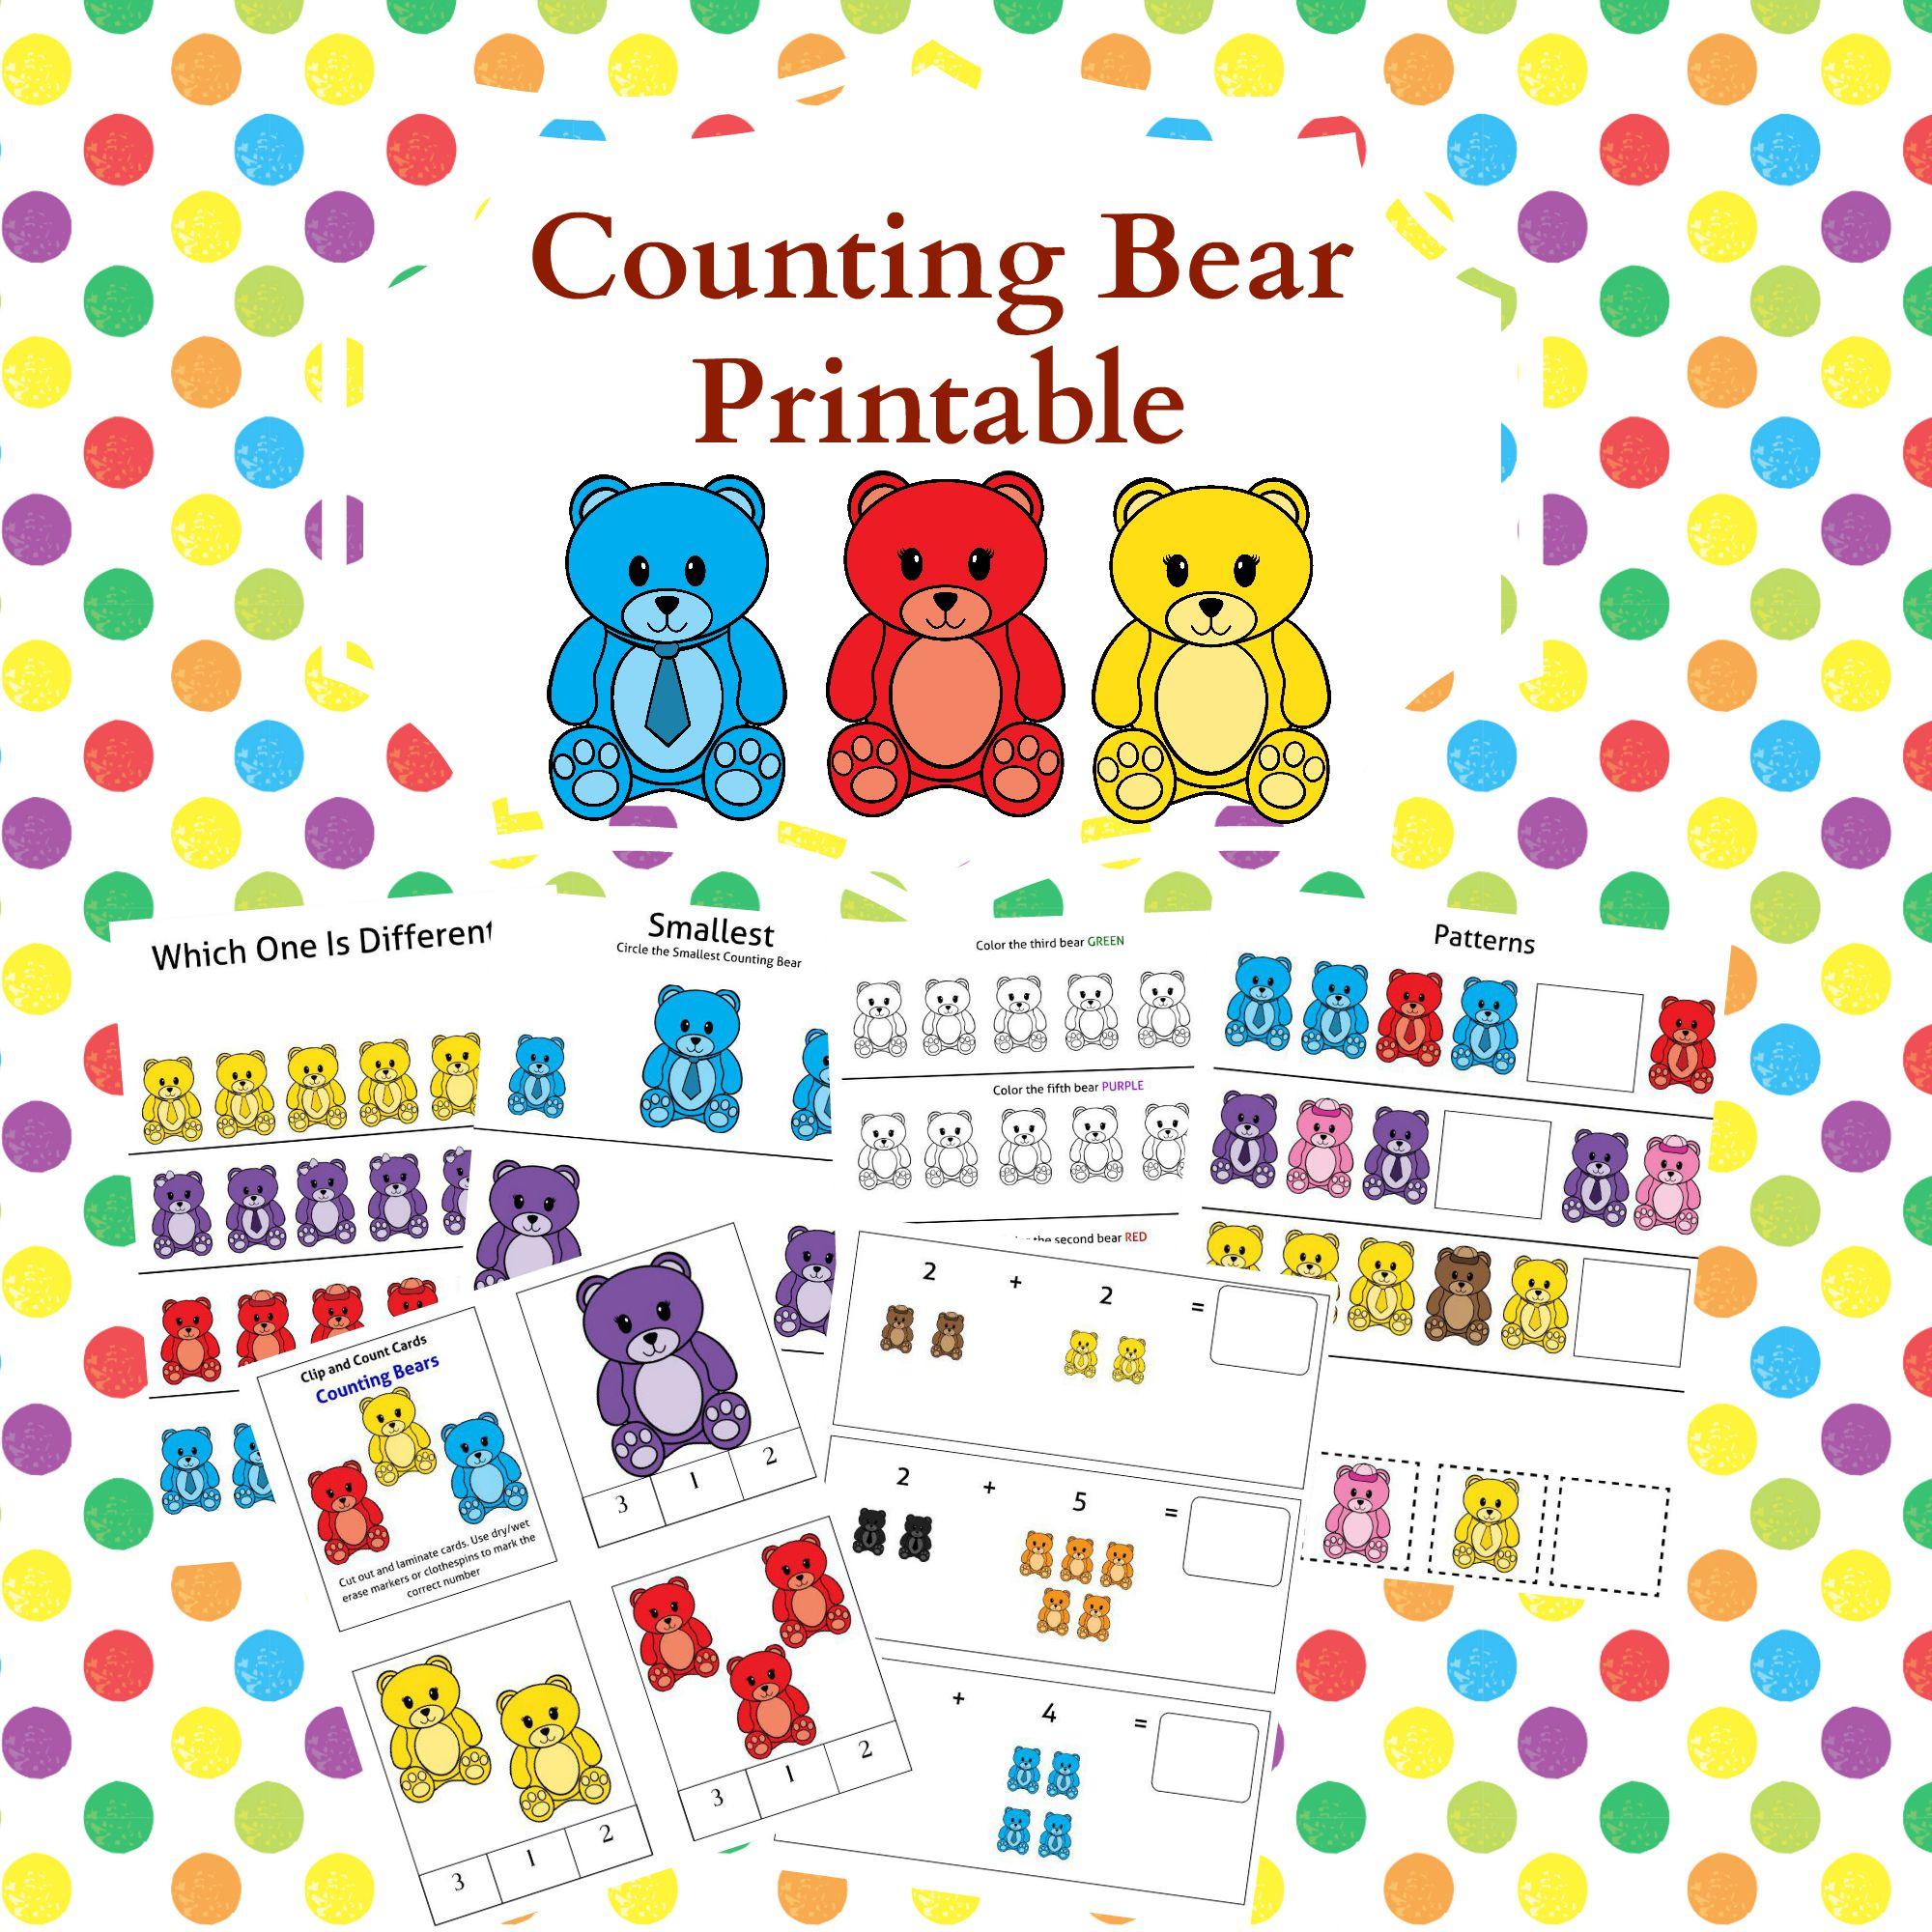 45 Page Counting Bears Printable